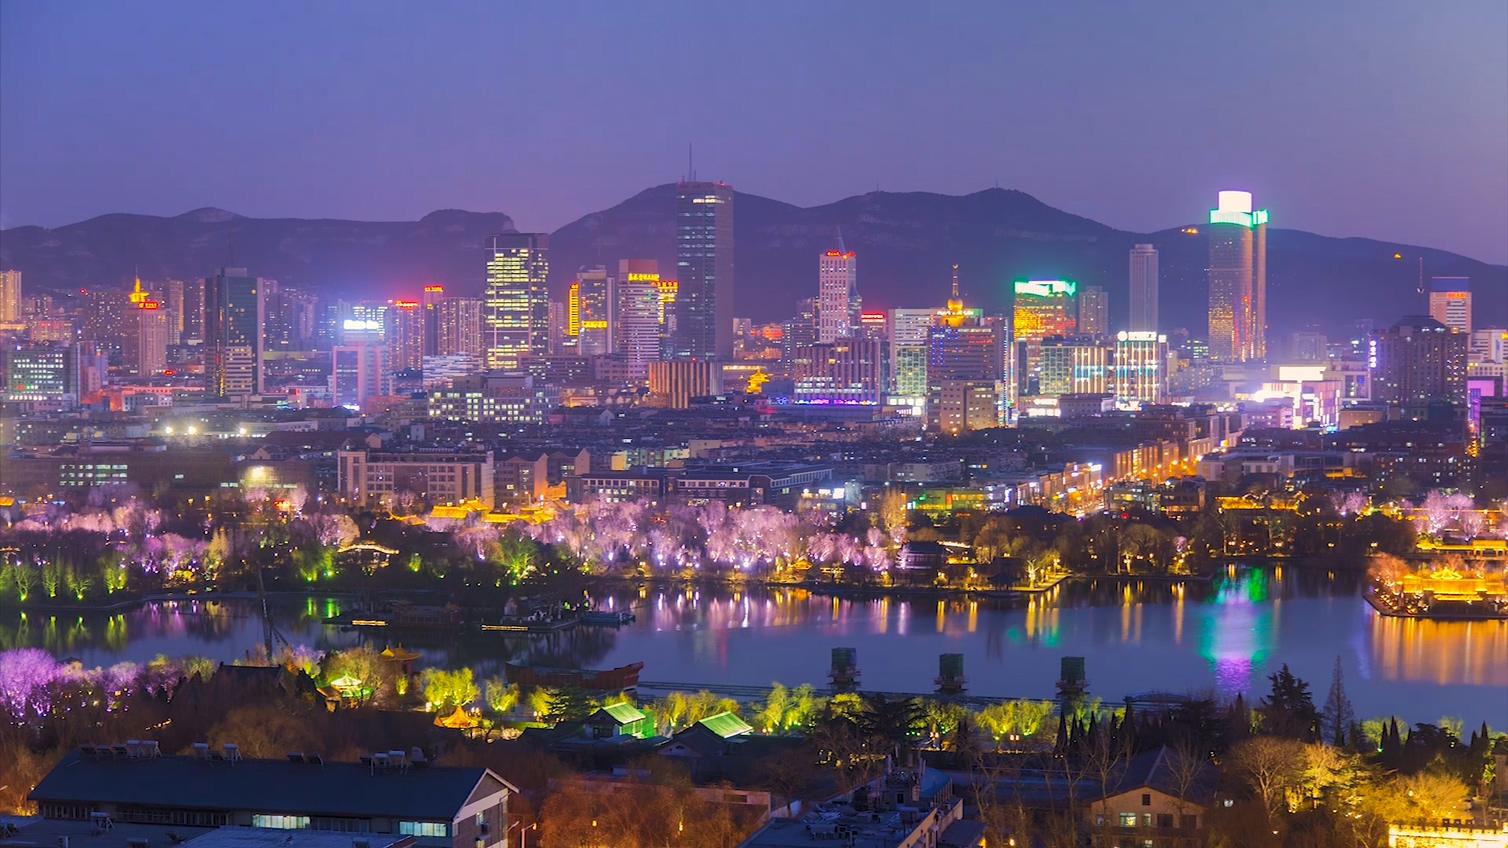 飞吧山东丨3分钟带你回看2017年泉城四季的光与影